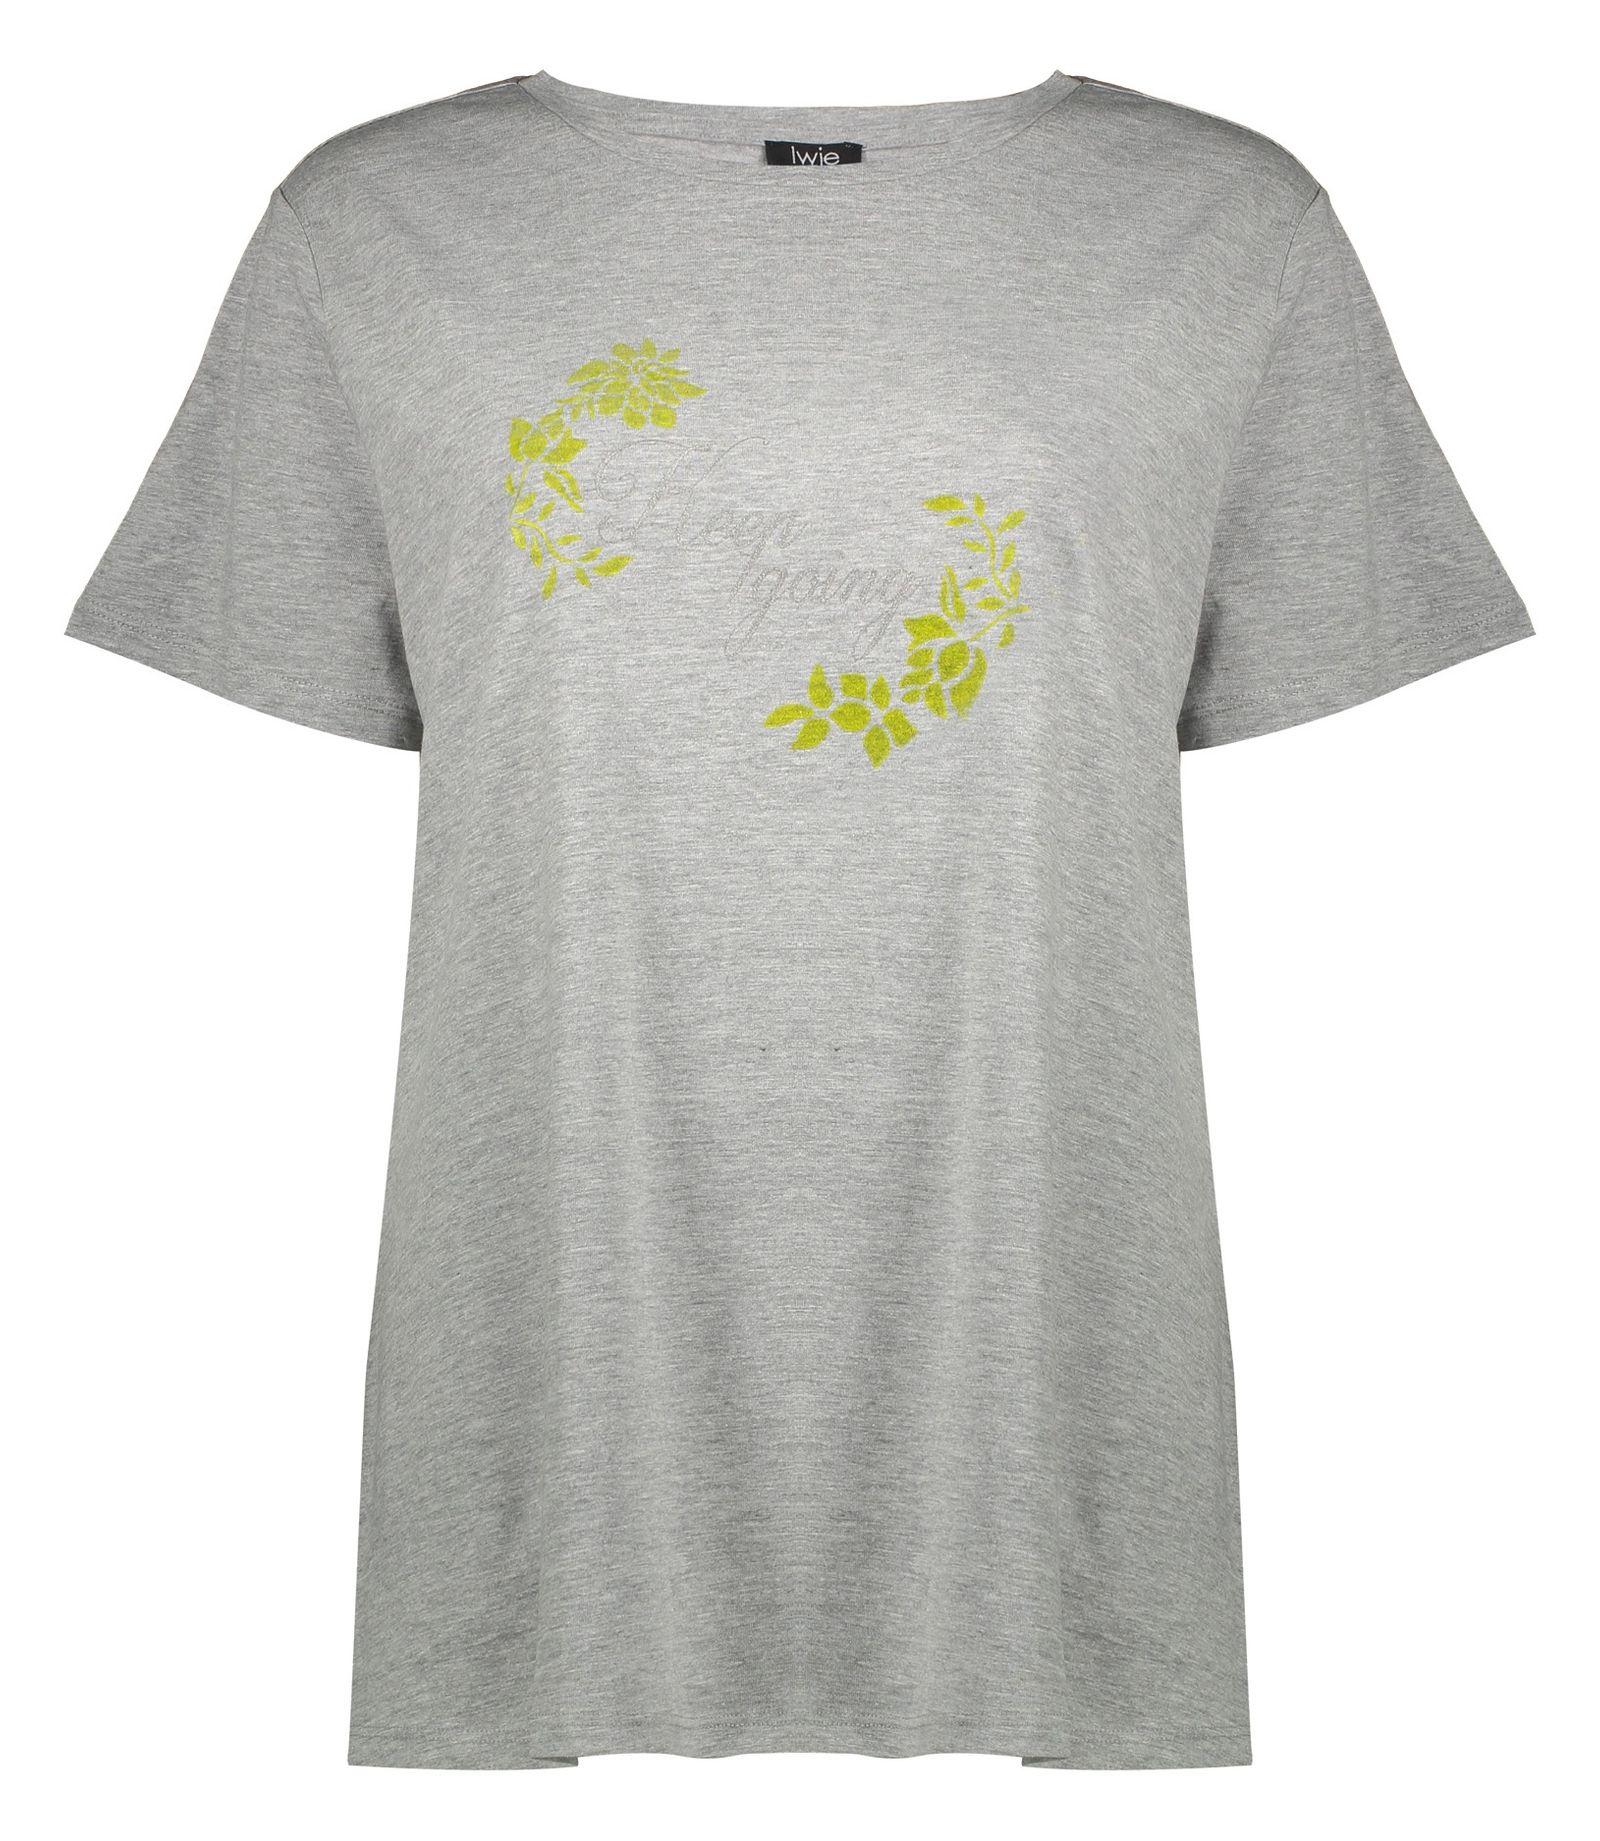 تی شرت زنانه یوپیم مدل 5125039 -  - 1